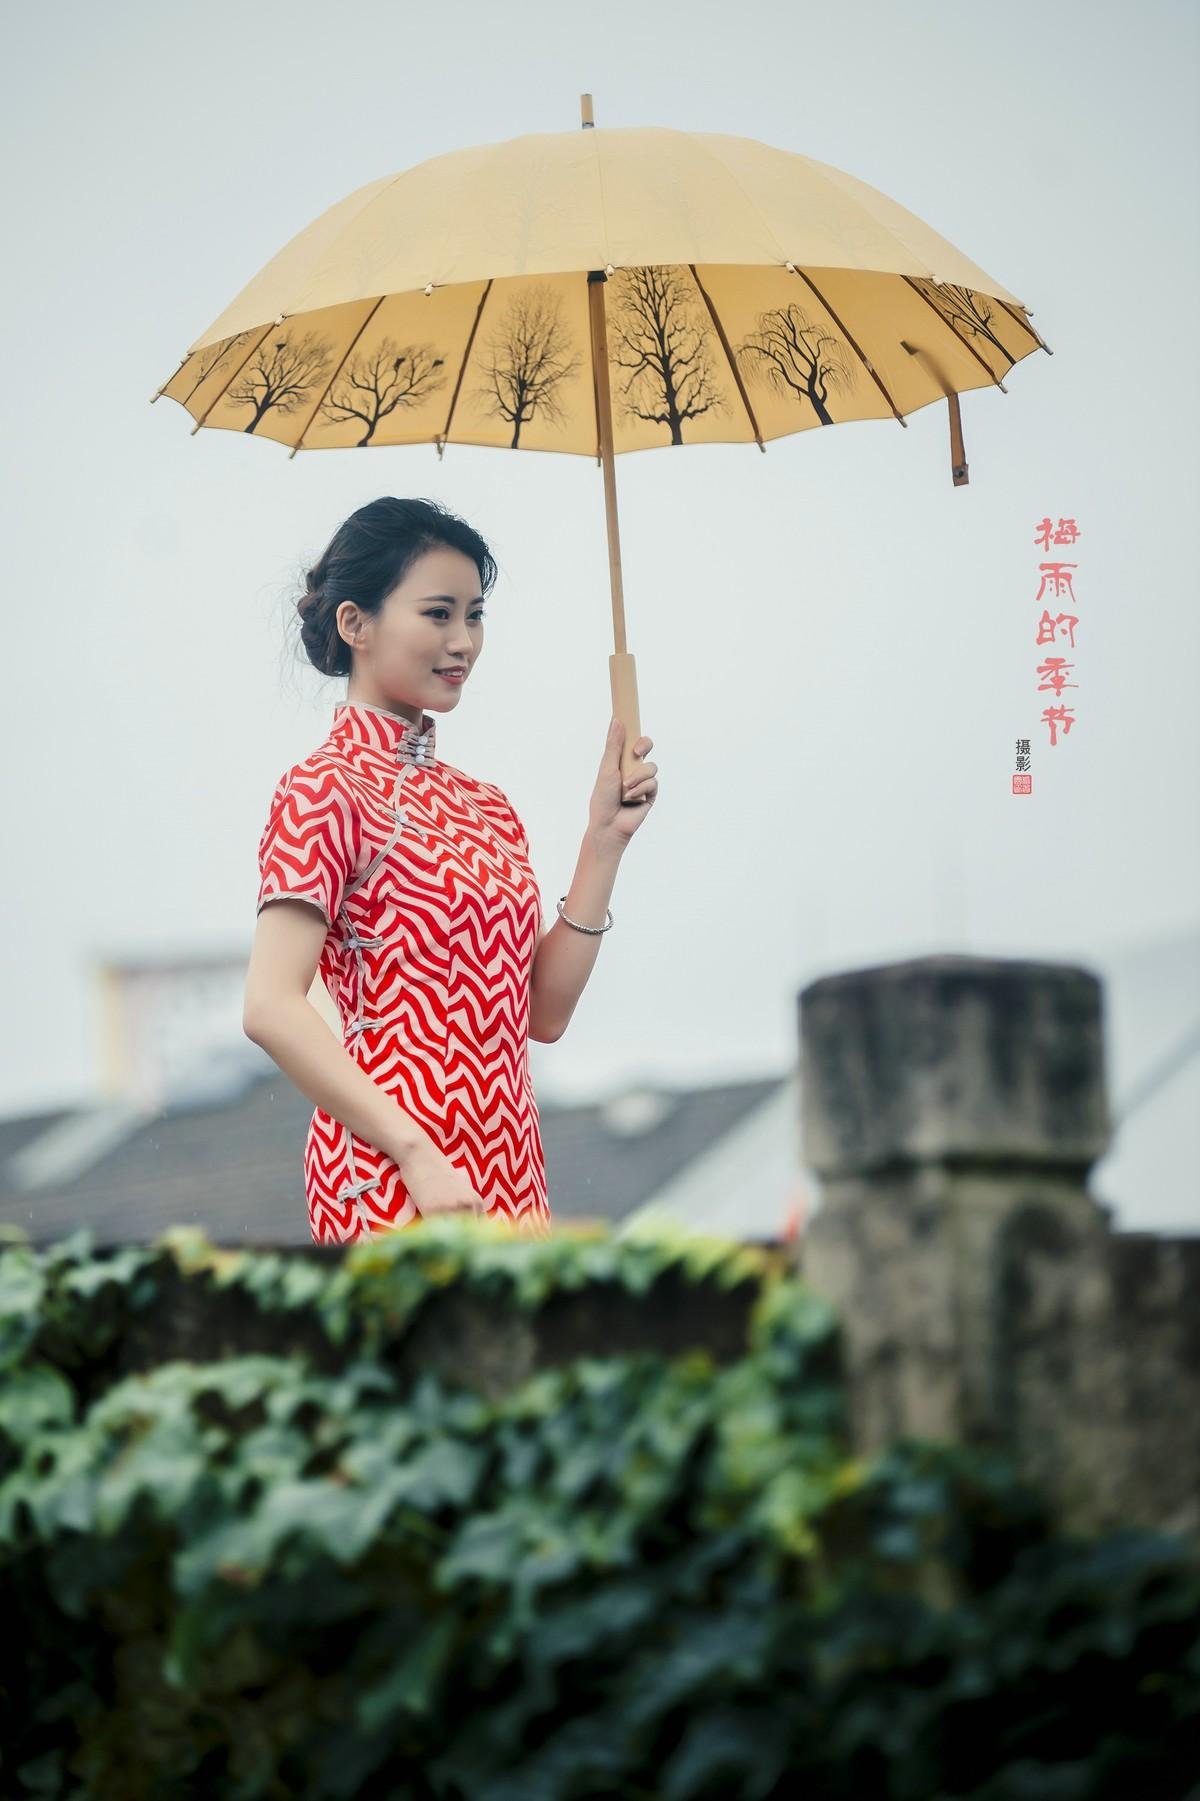 梅雨的季节